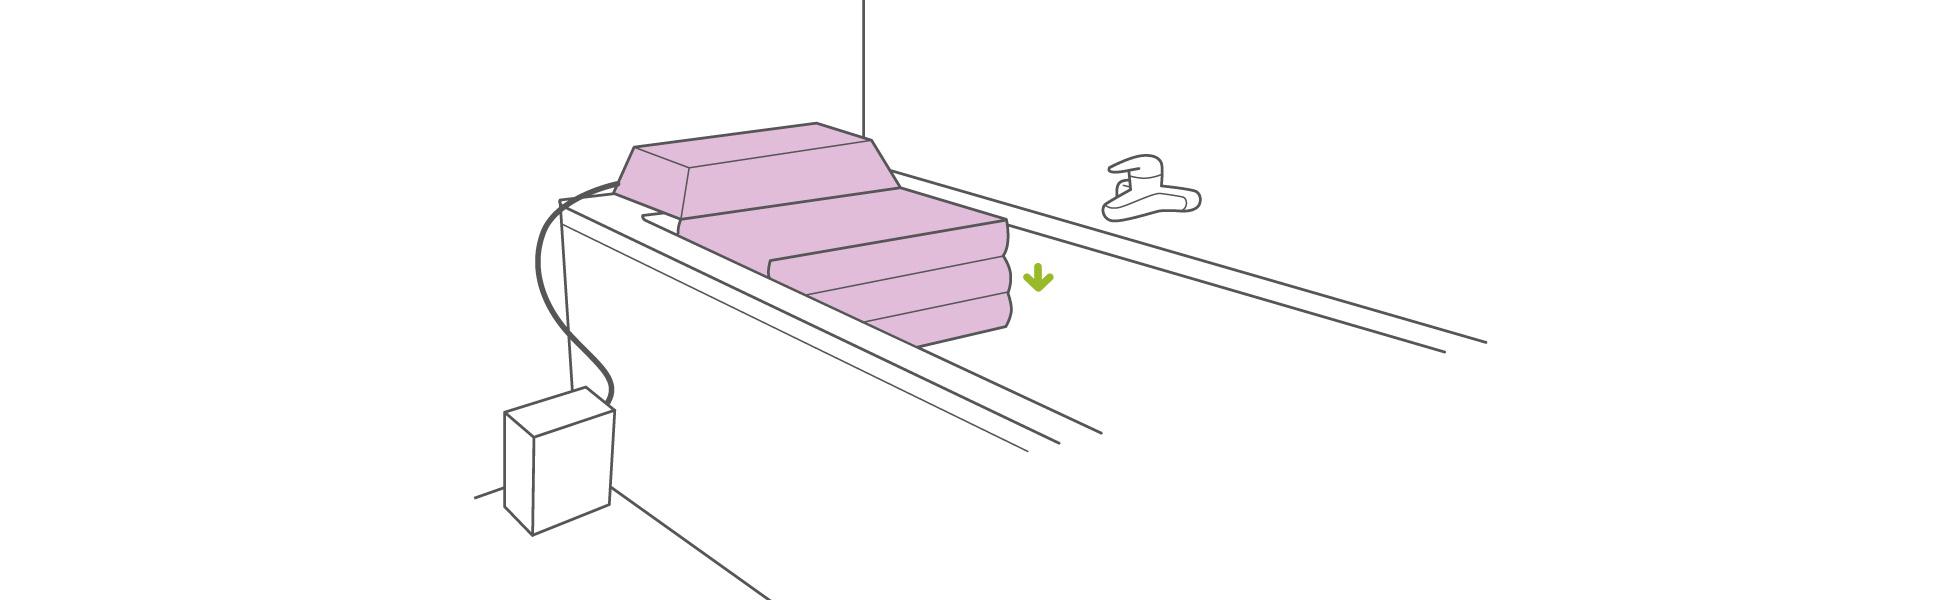 Badewannensitz Für Senioren Der Badehocker Badestuhl Im Alter